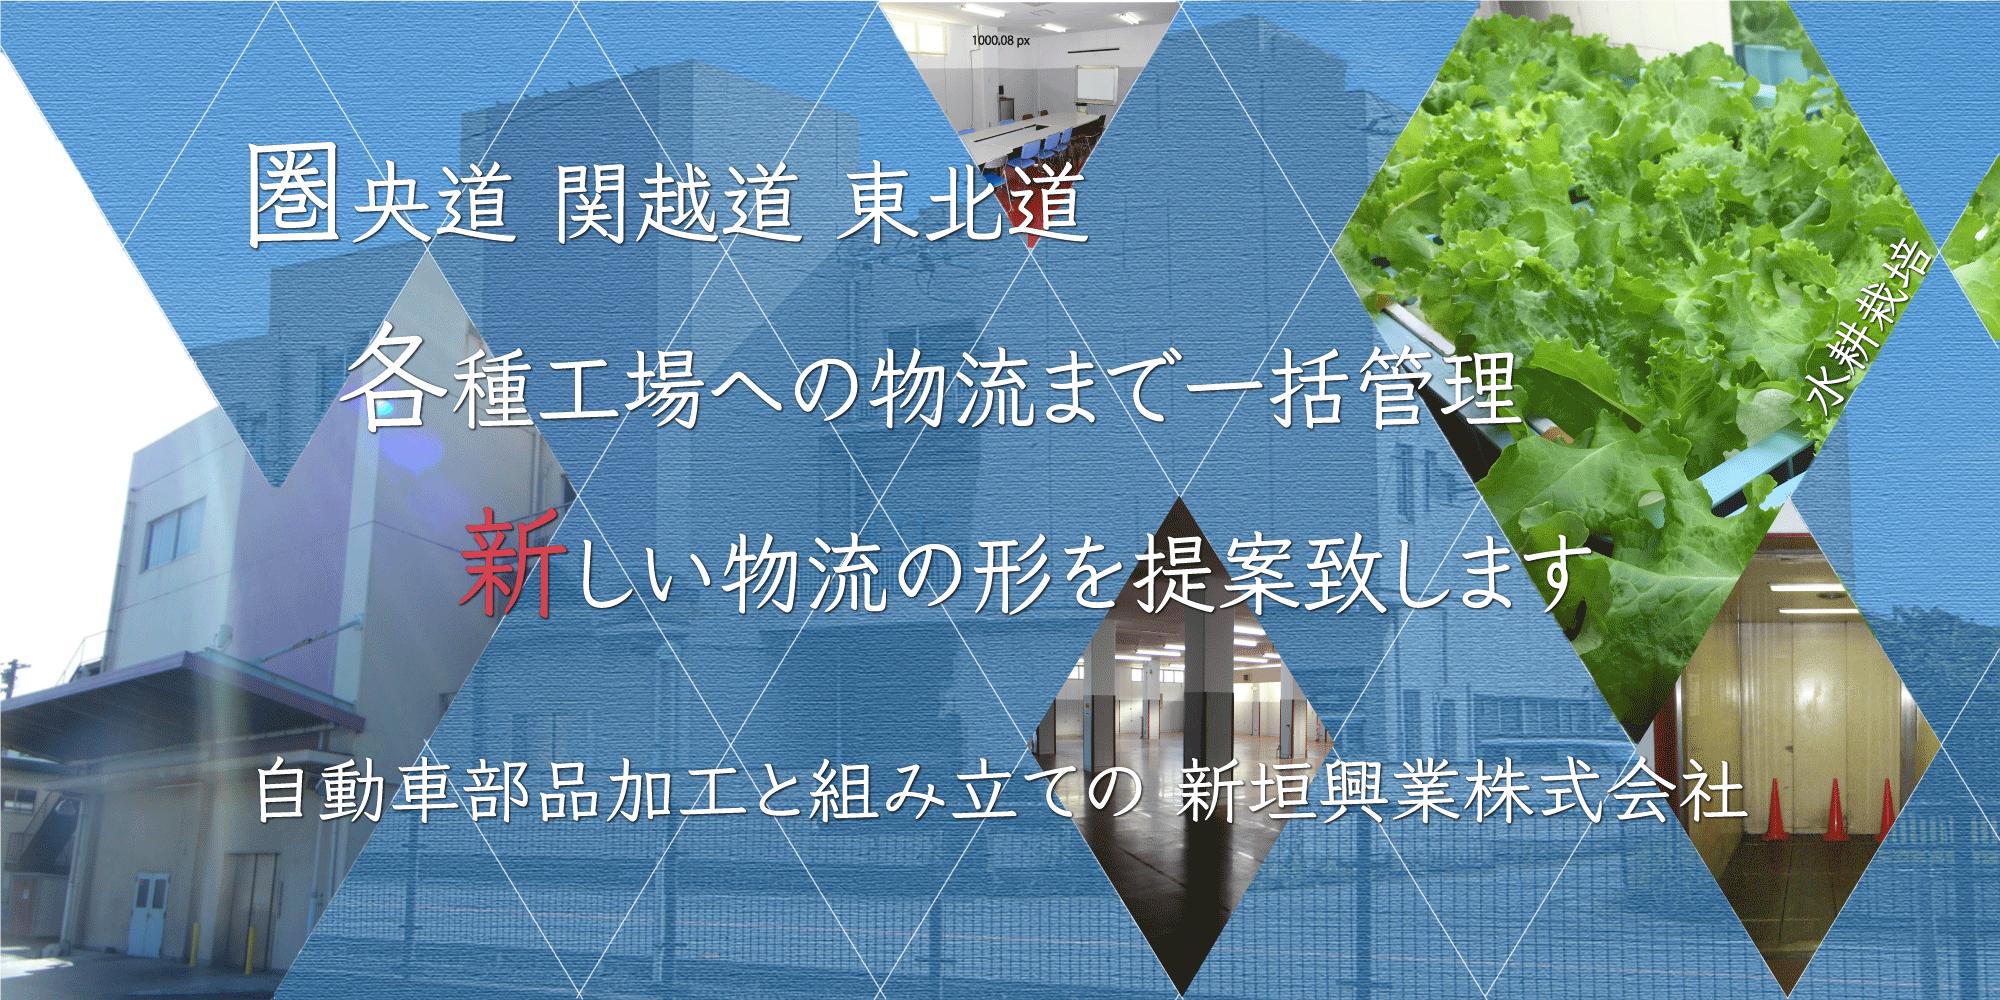 新垣興業株式会社